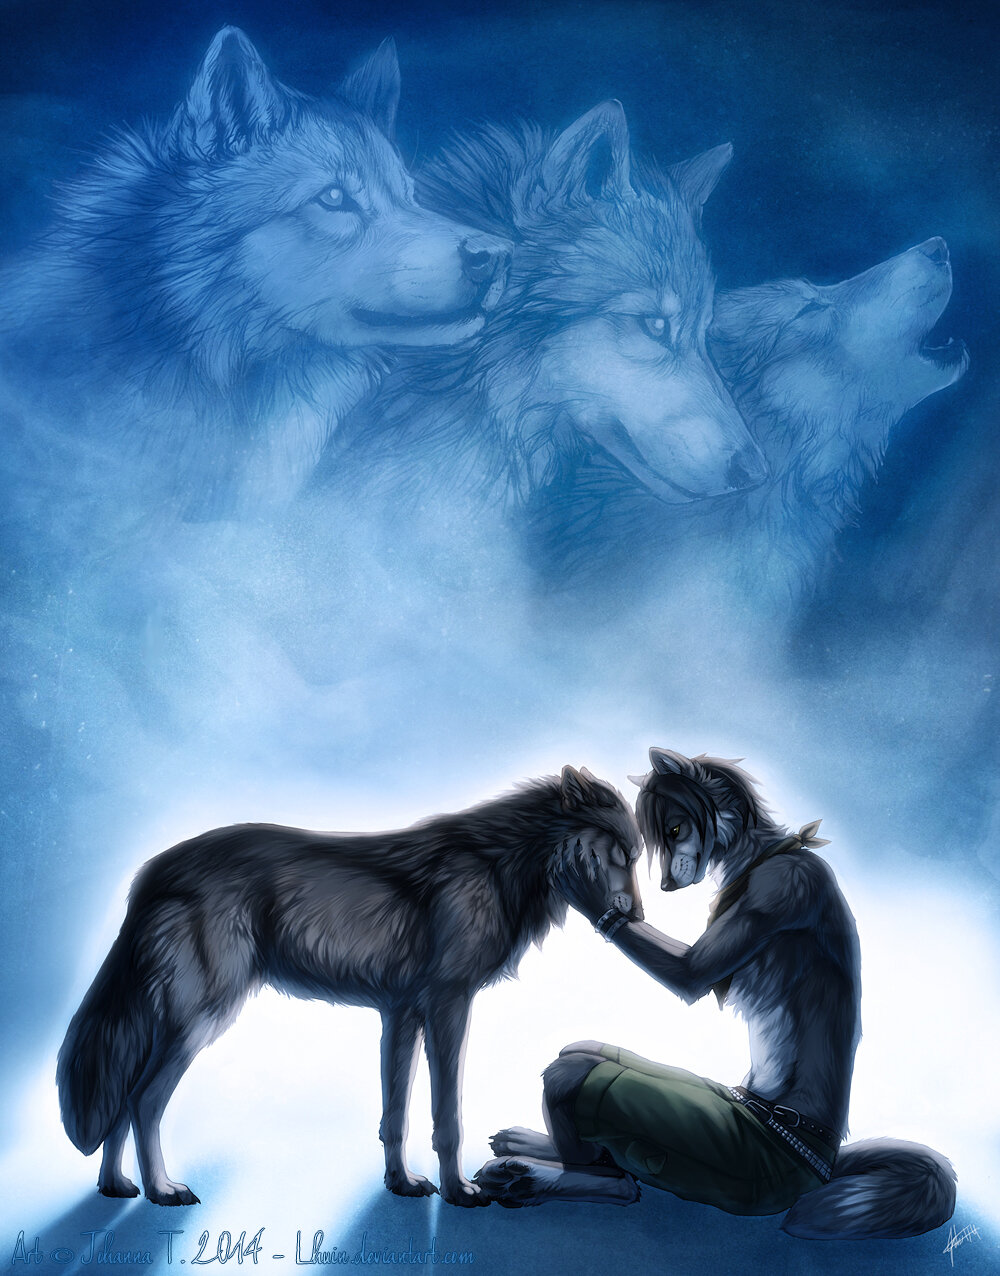 картинки с волками с чем-нибудь